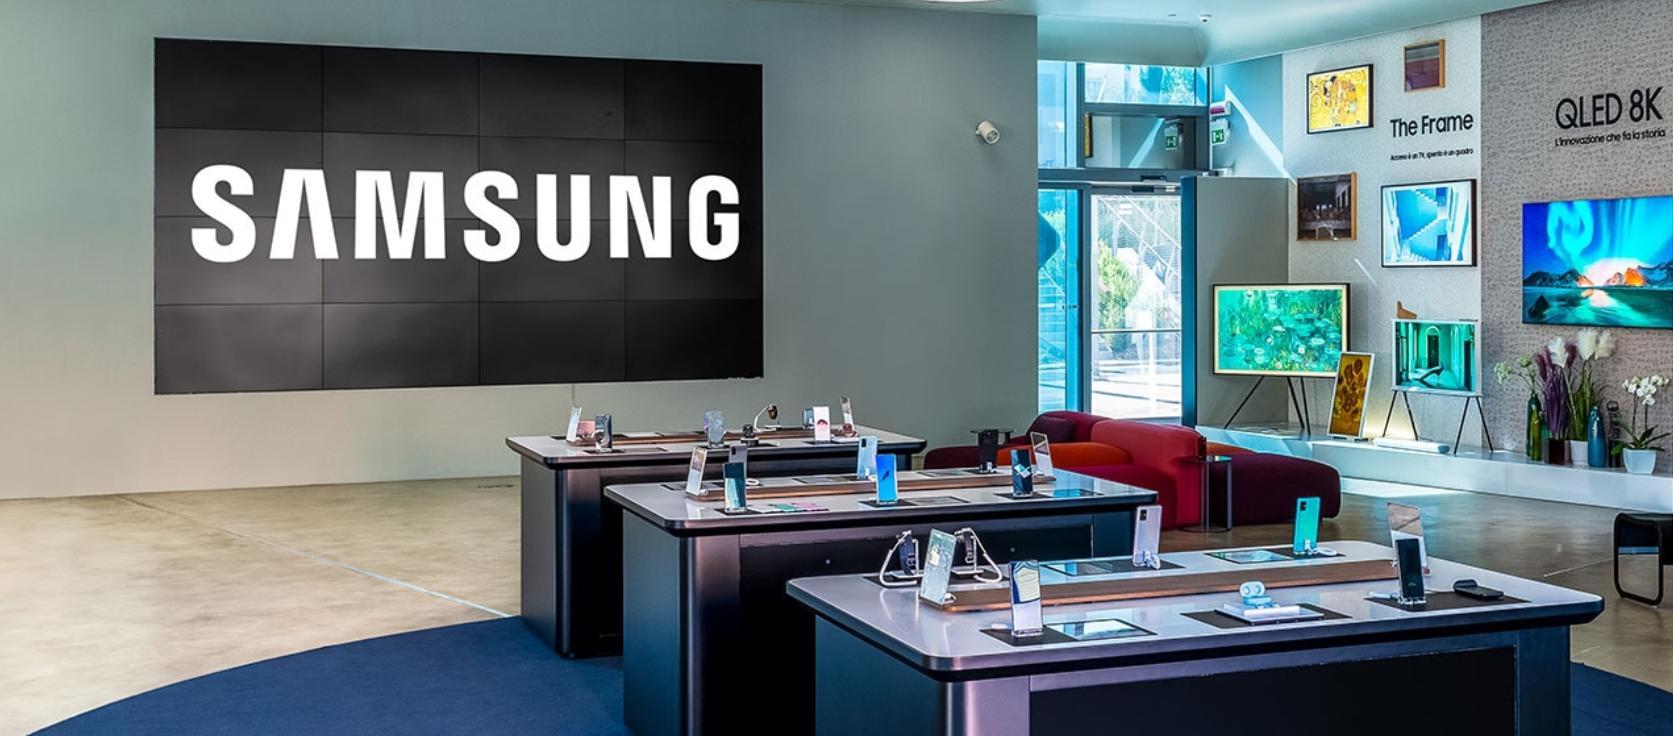 Samsung offre un'esperienza d'acquisto e brand experience personalizzate